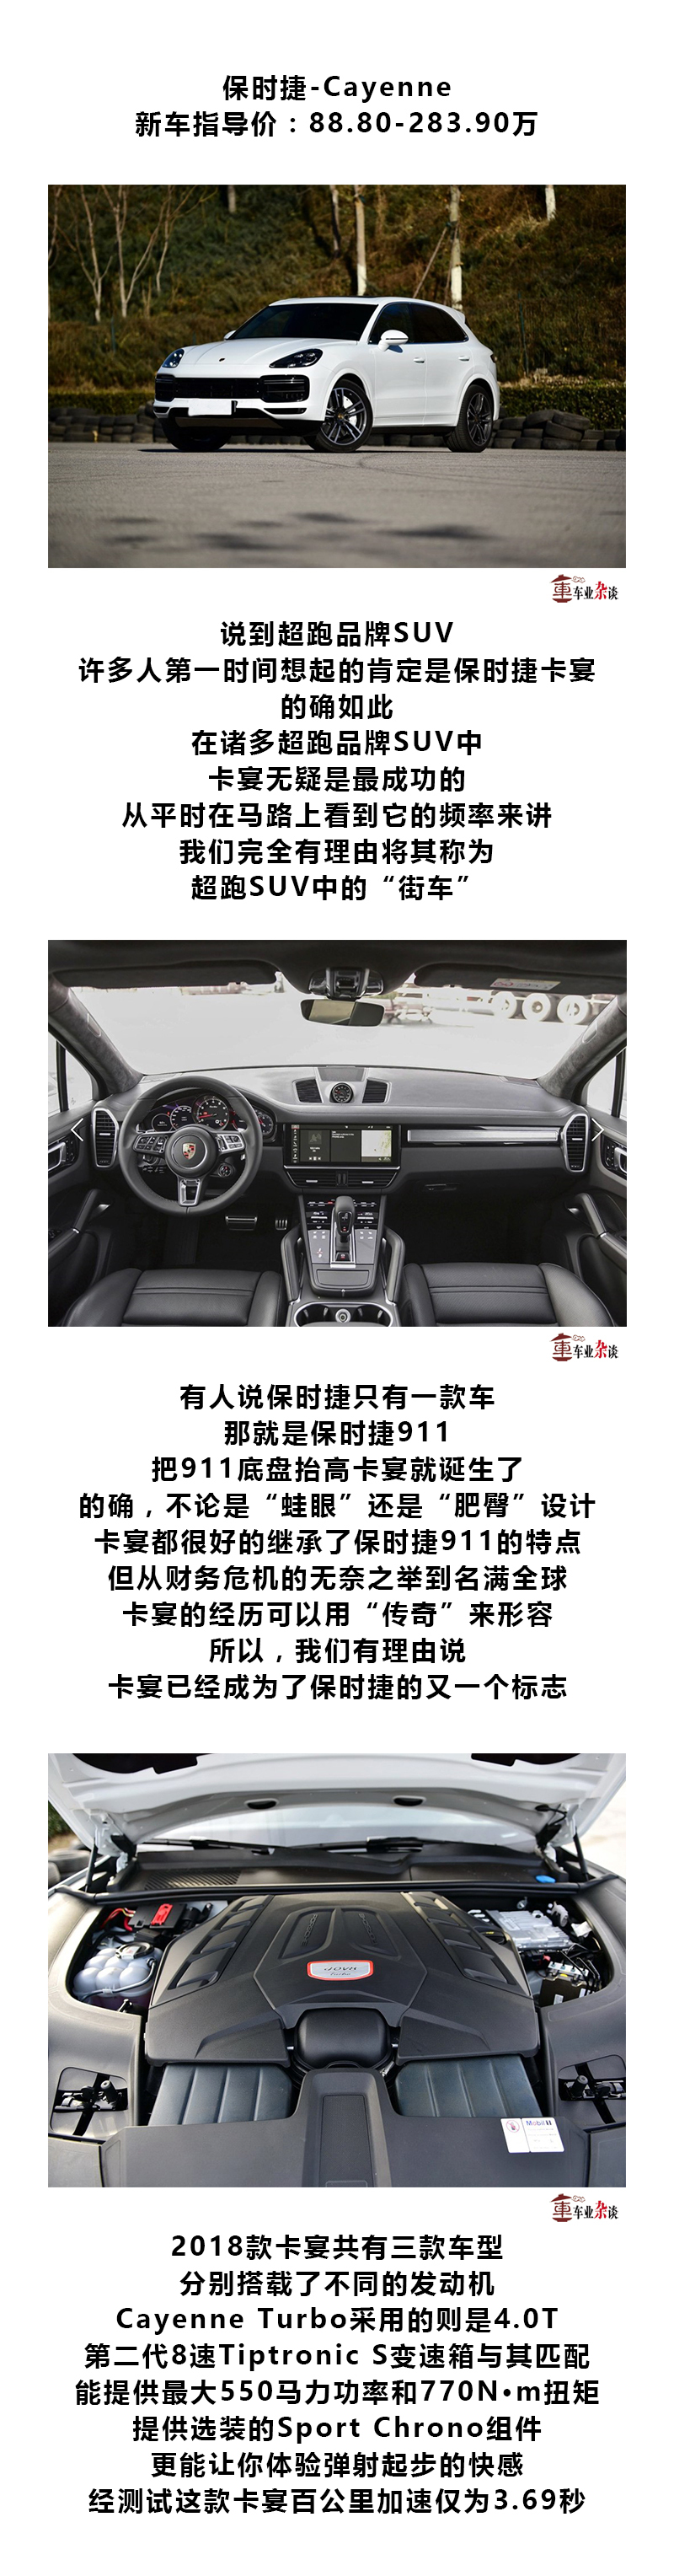 有人说SUV格调不够,这几款超跑品牌SUV第一个不服 - 周磊 - 周磊